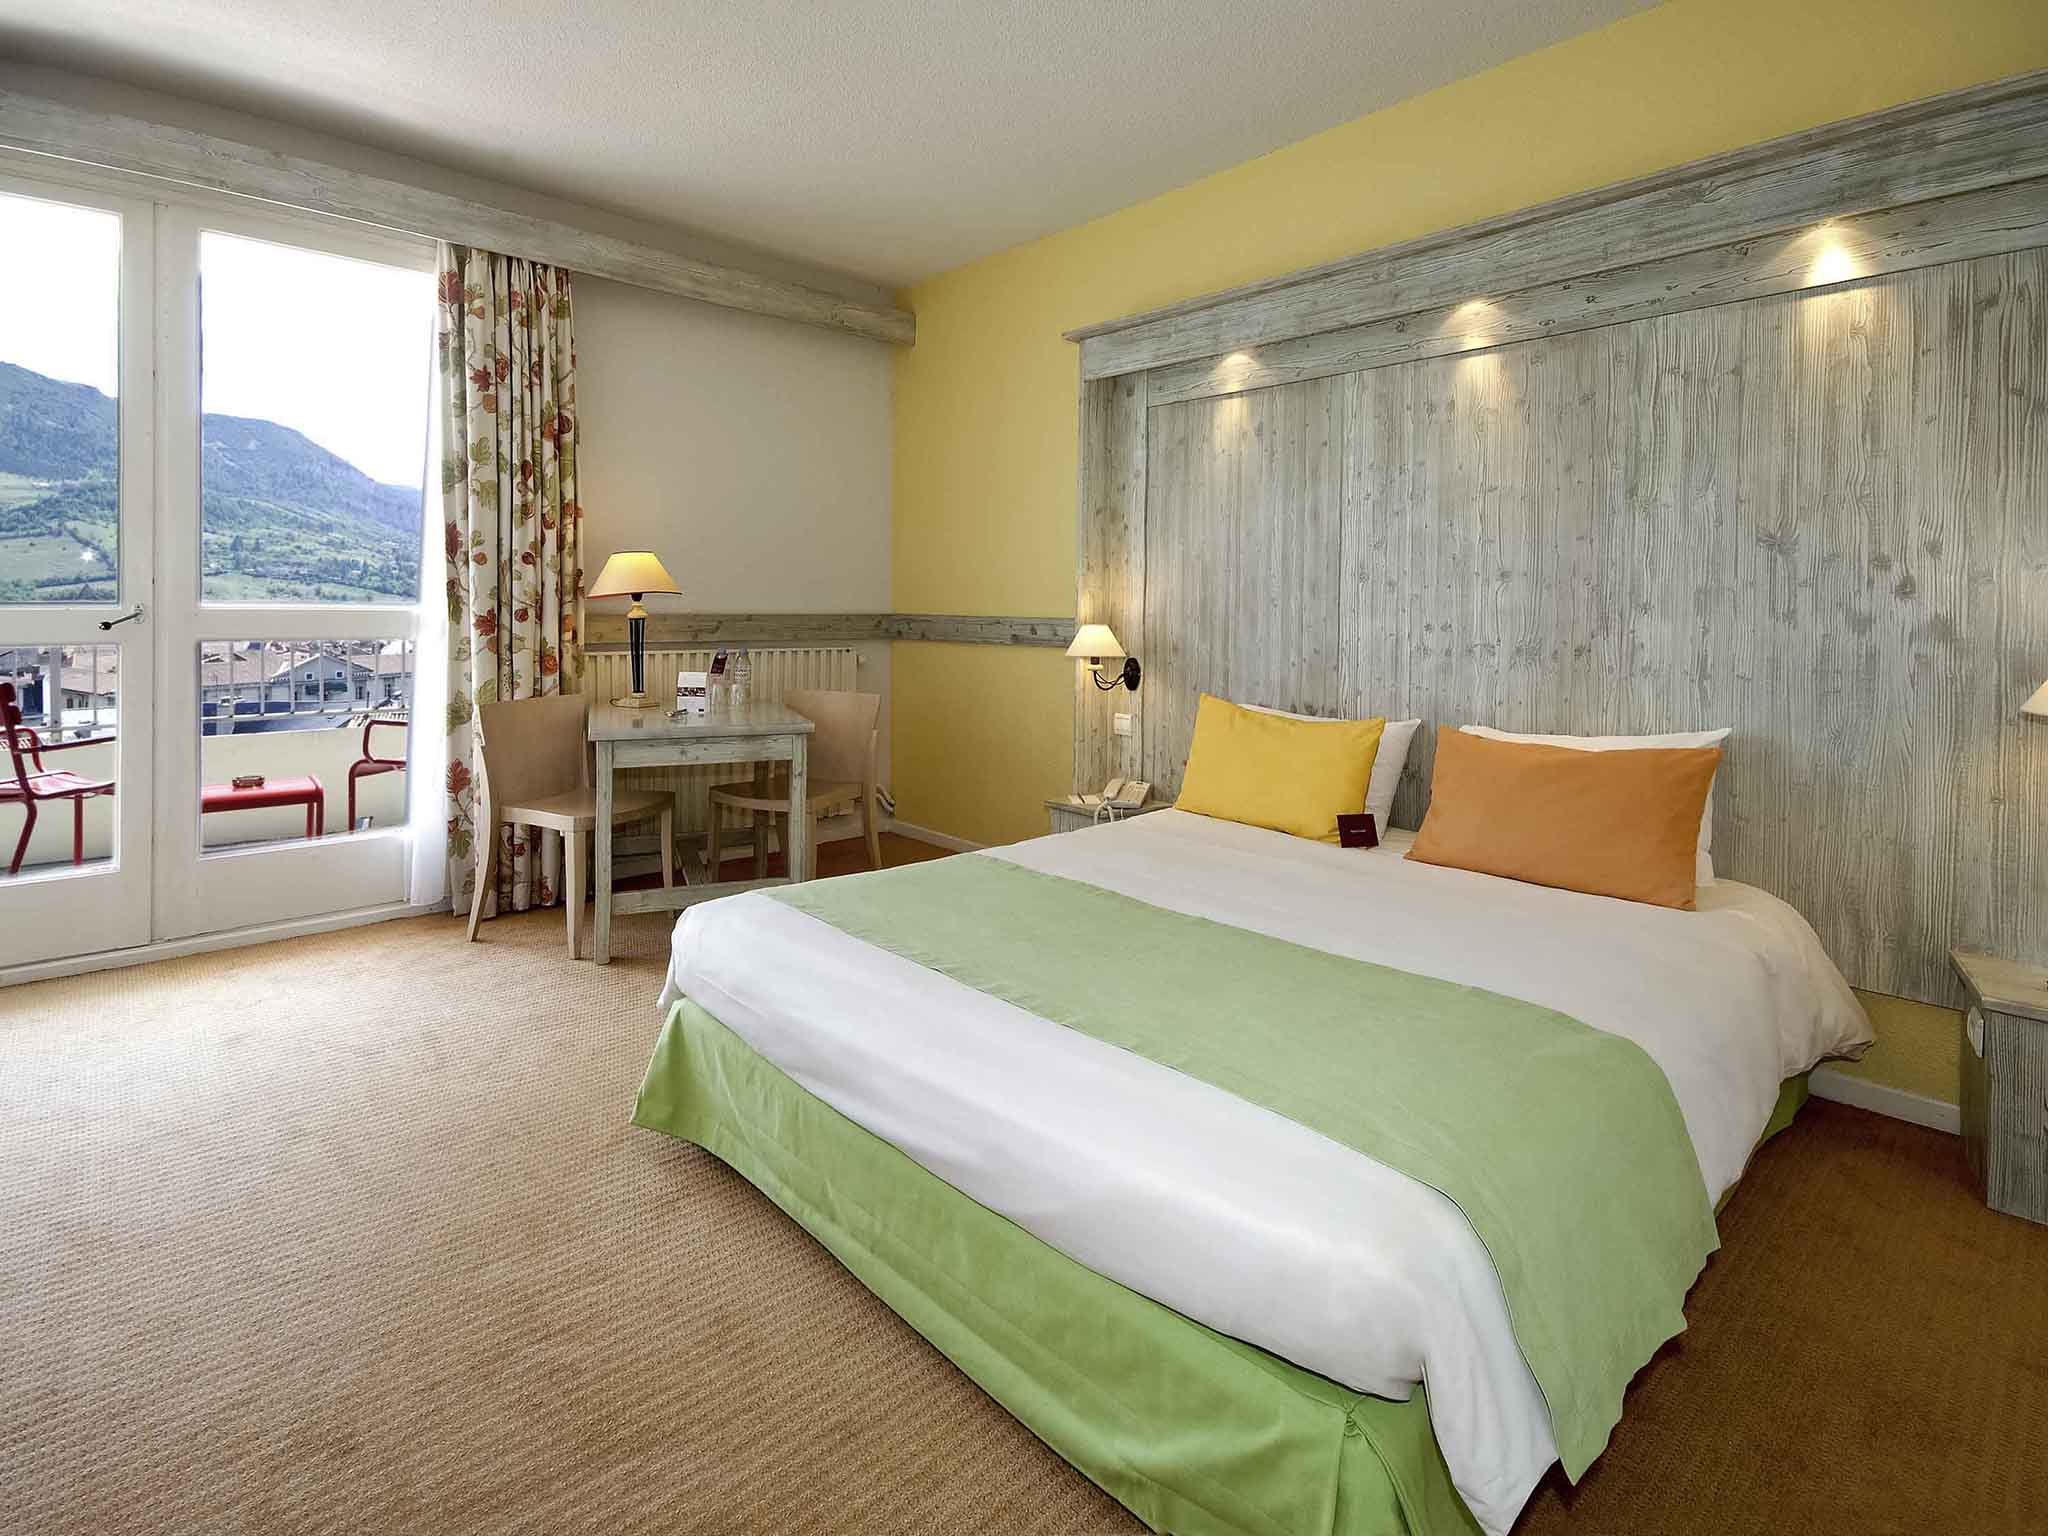 Hotel in MILLAU - Mercure Millau Hotel